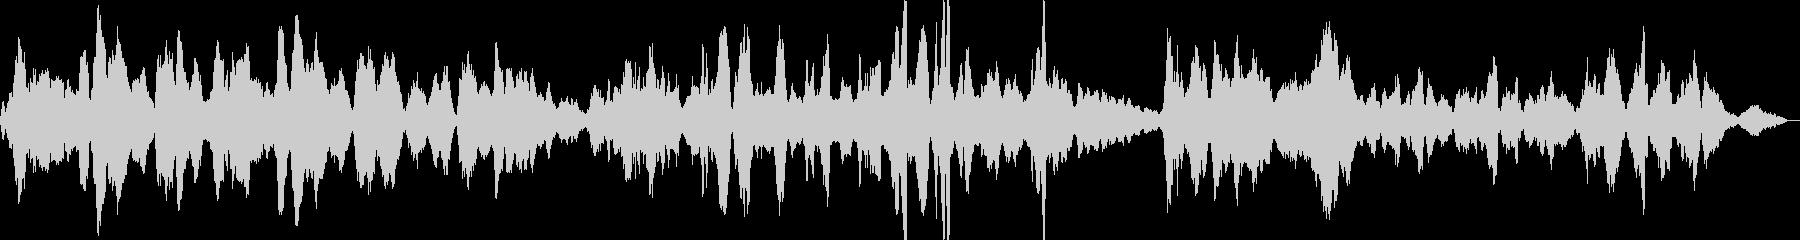 ノットゥルノ(夜奏曲)/ボロディンの未再生の波形